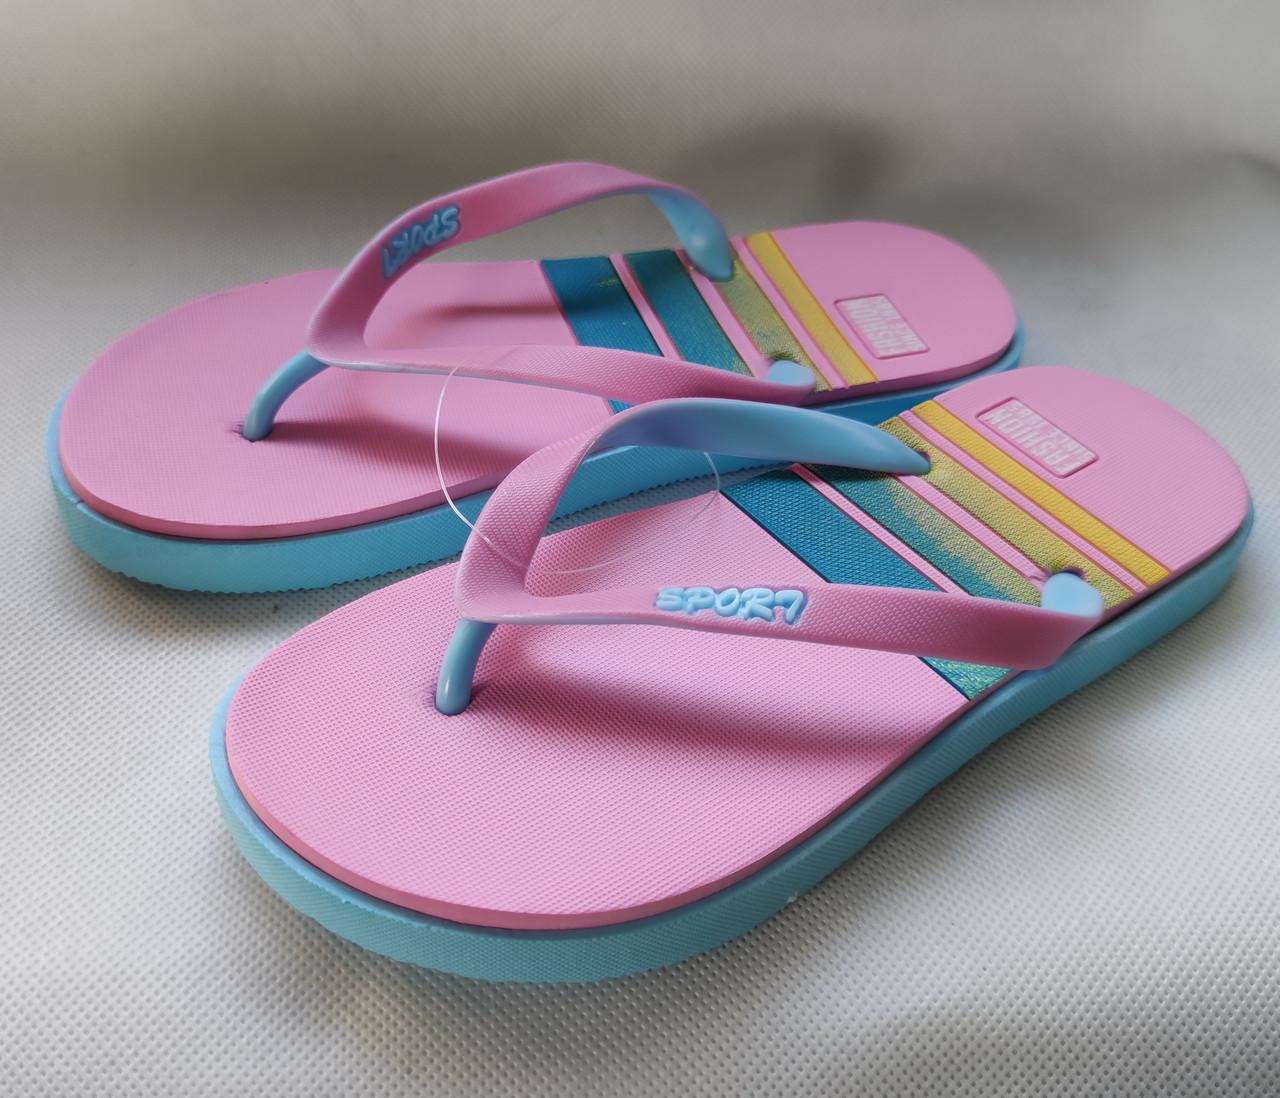 Женские сланцы шлепки вьетнамки шлепанцы пляжные розовые Plaazzo 41р 26см